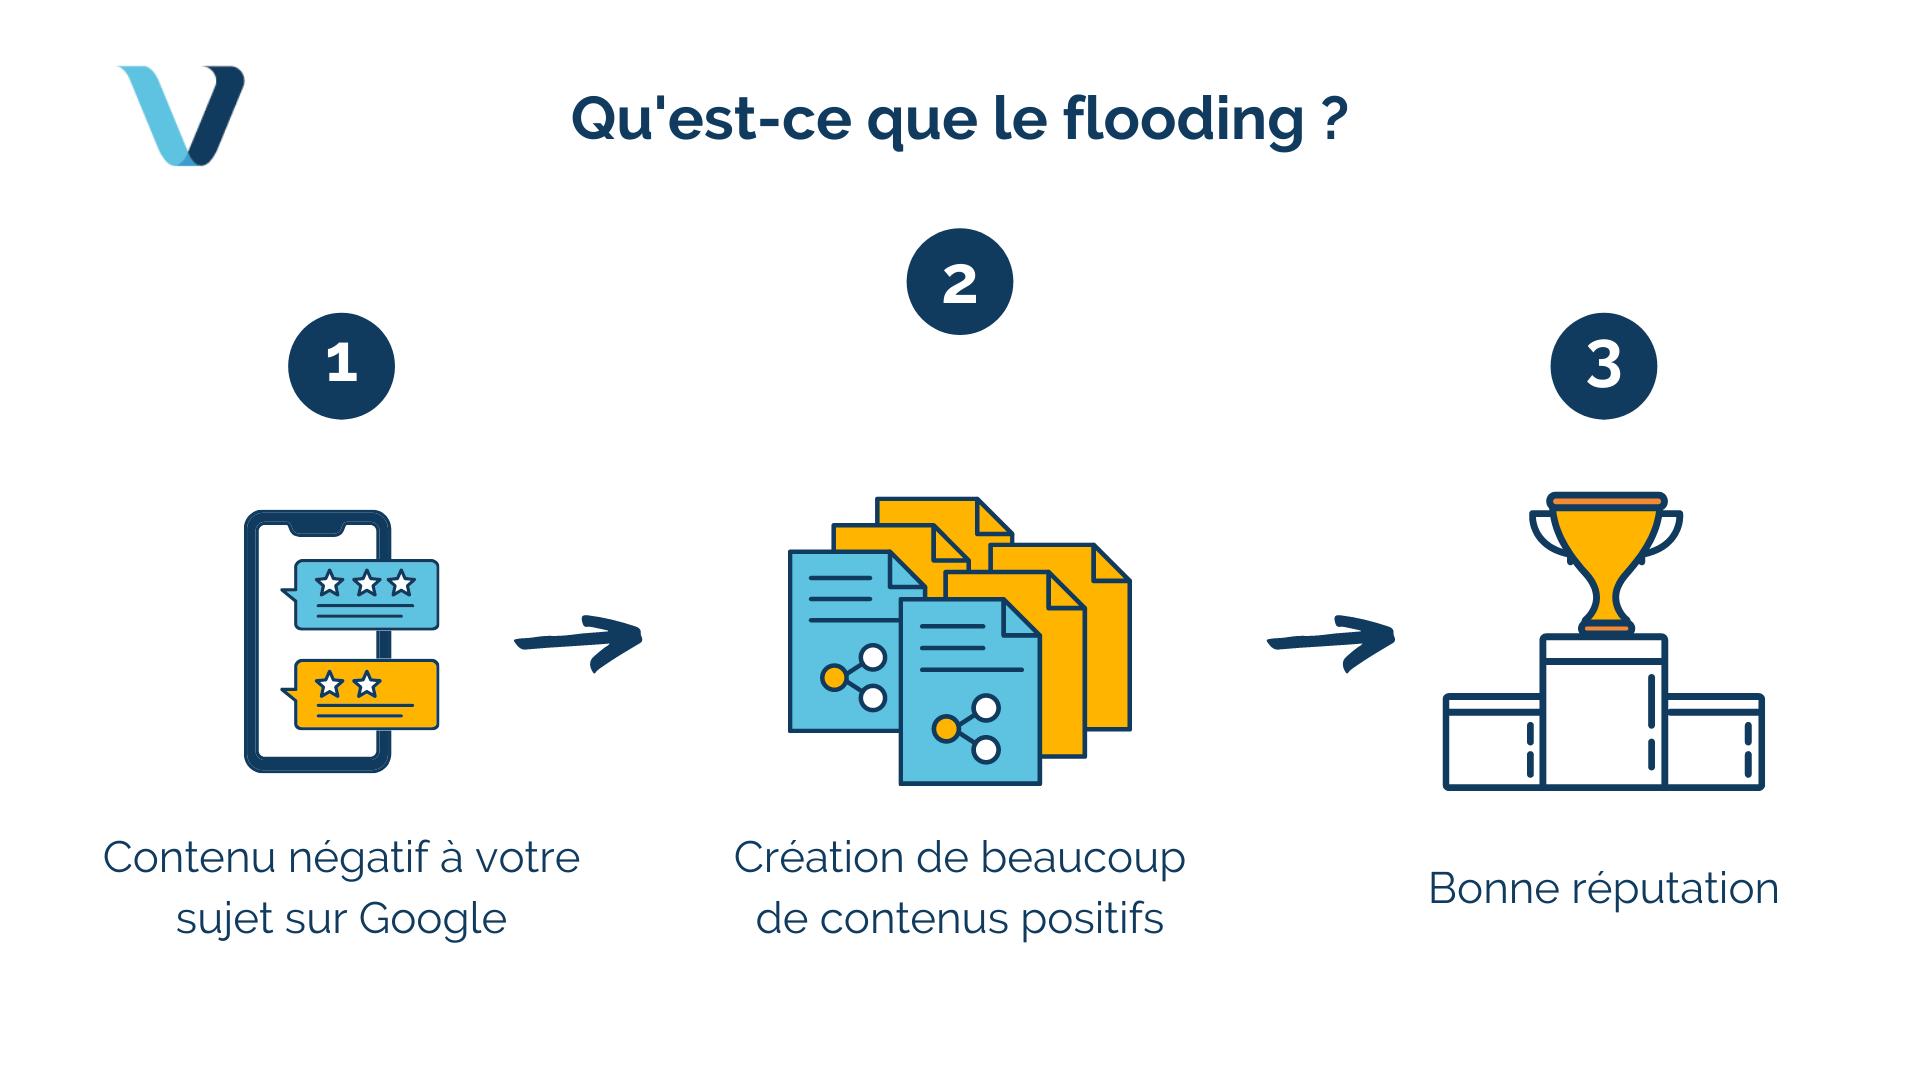 Qu'est-ce que le flooding ?